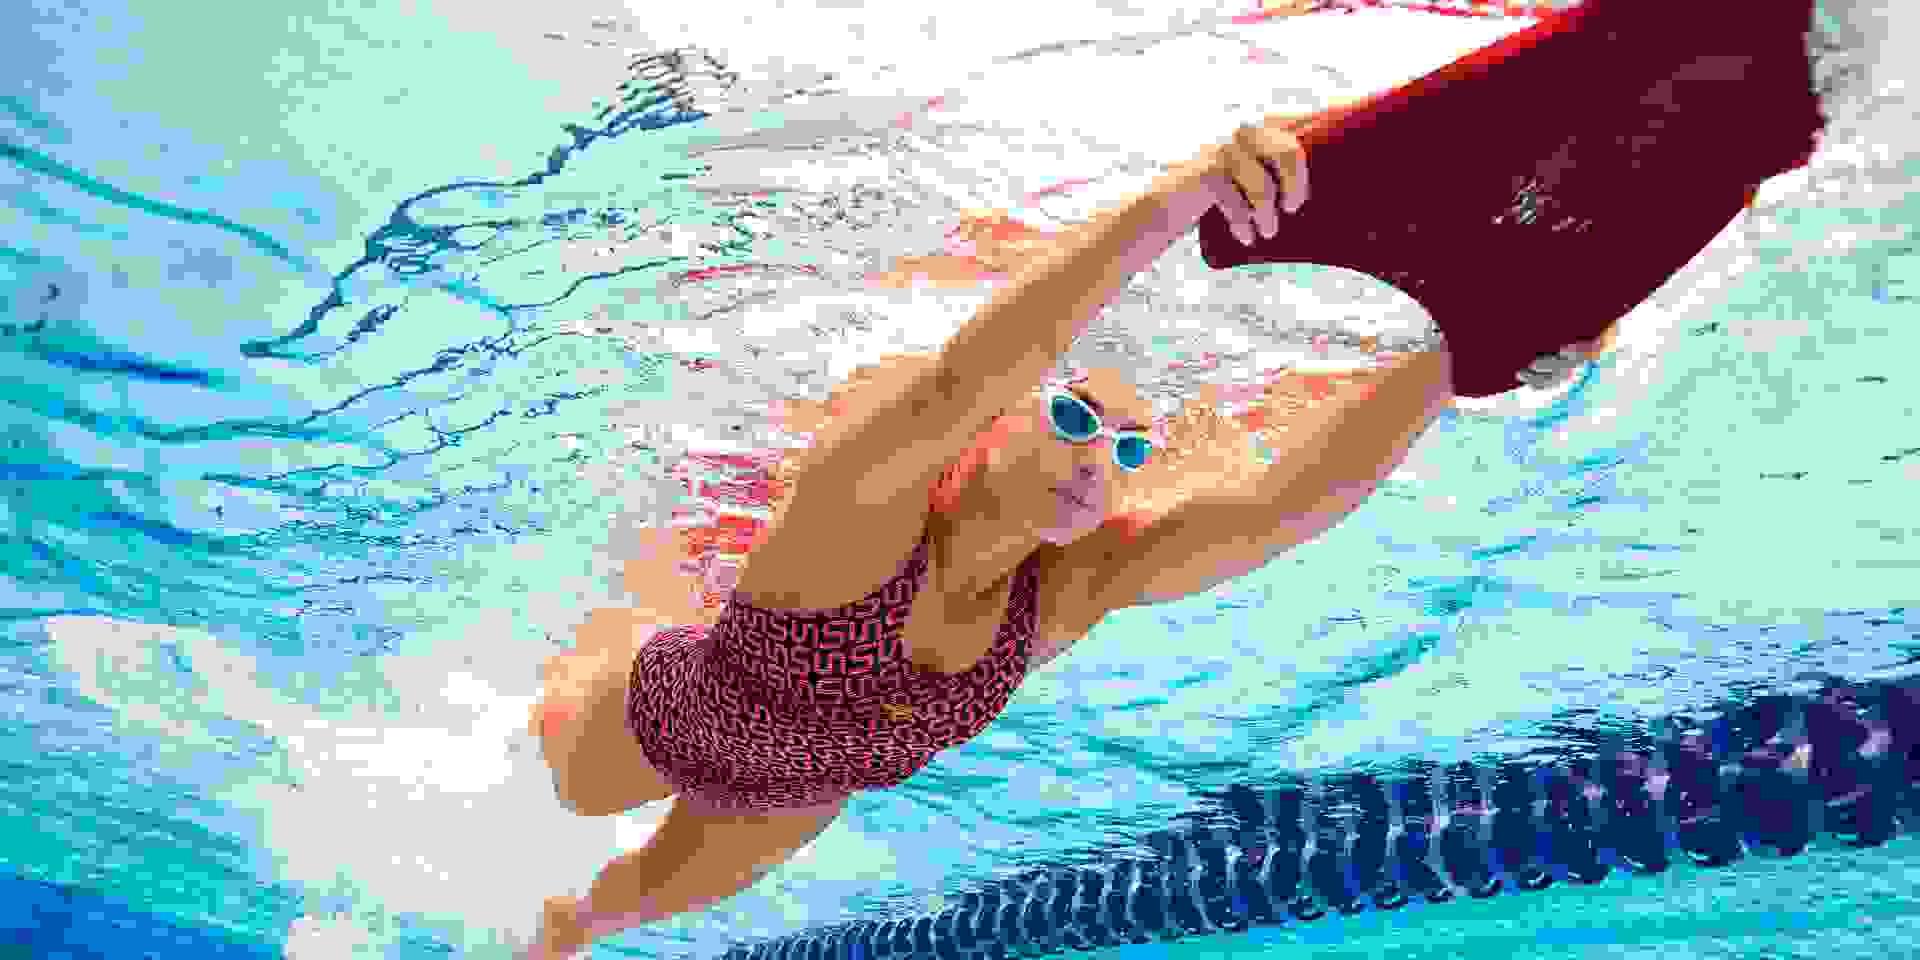 Eine Frau übt Beintechnik beim Schwimmen mit einem Schwimmbrett